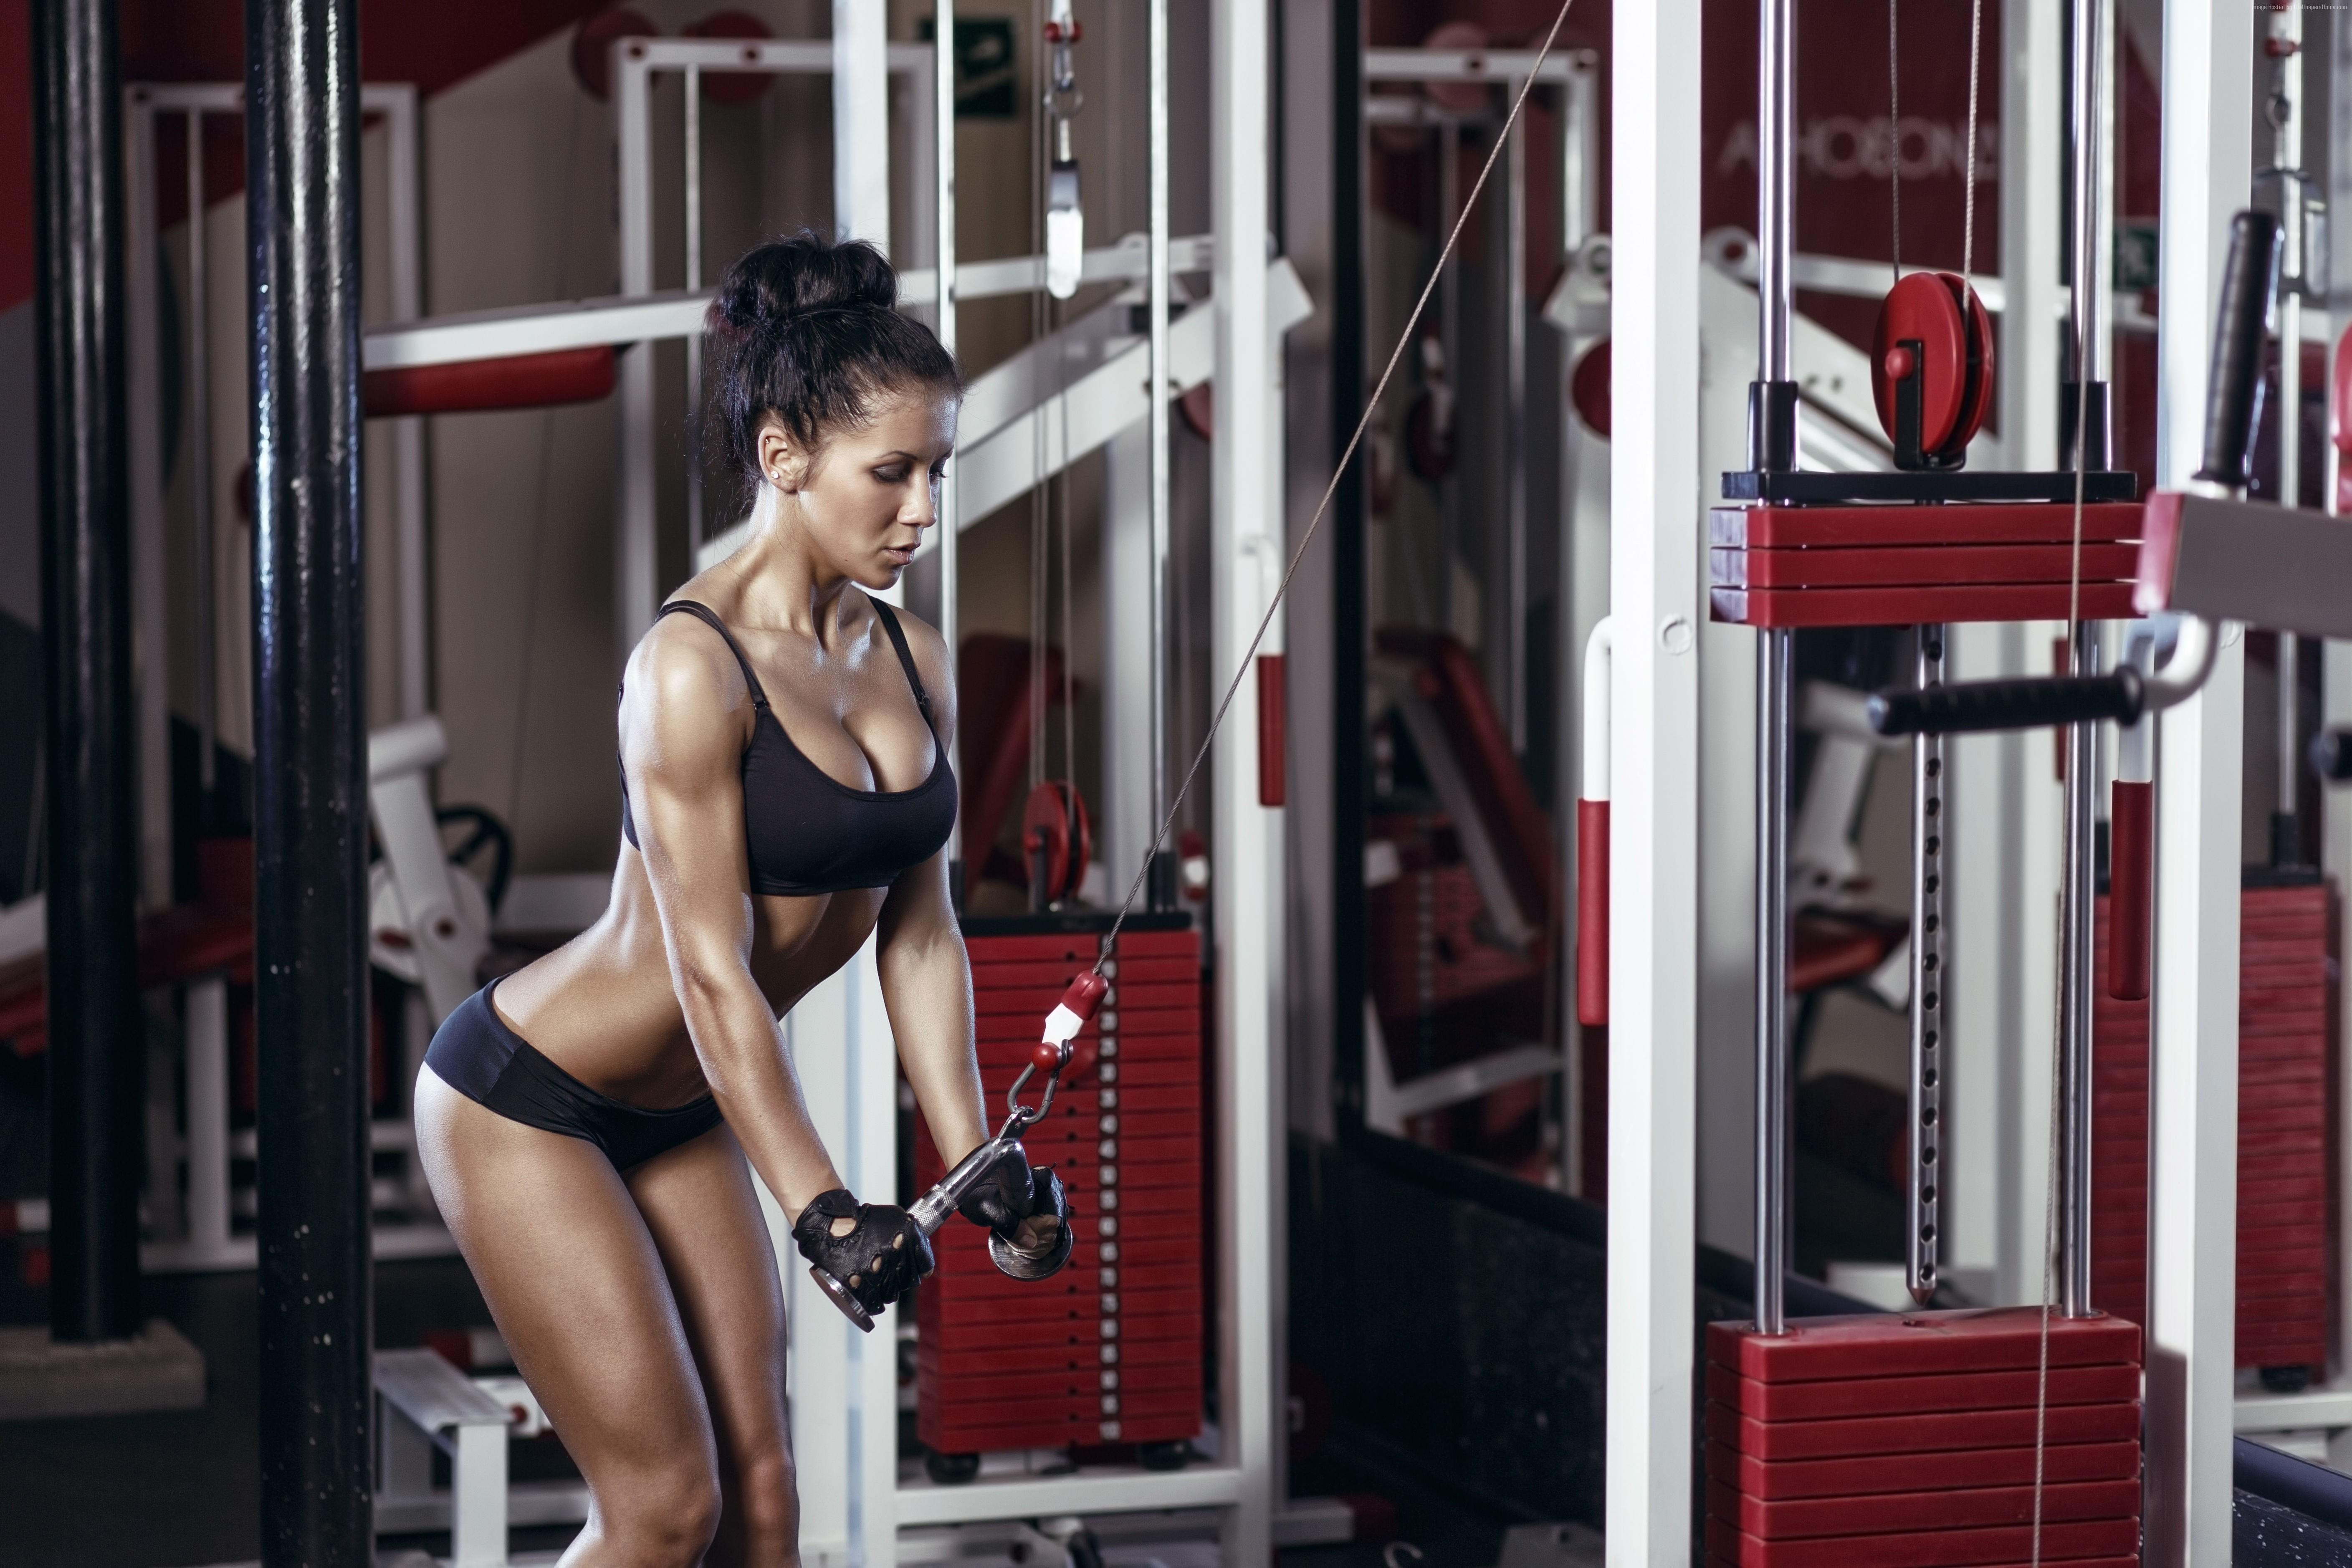 Картинка: Девушка, фигура, упражнение, спортзал, тренажеры, тренажерный зал